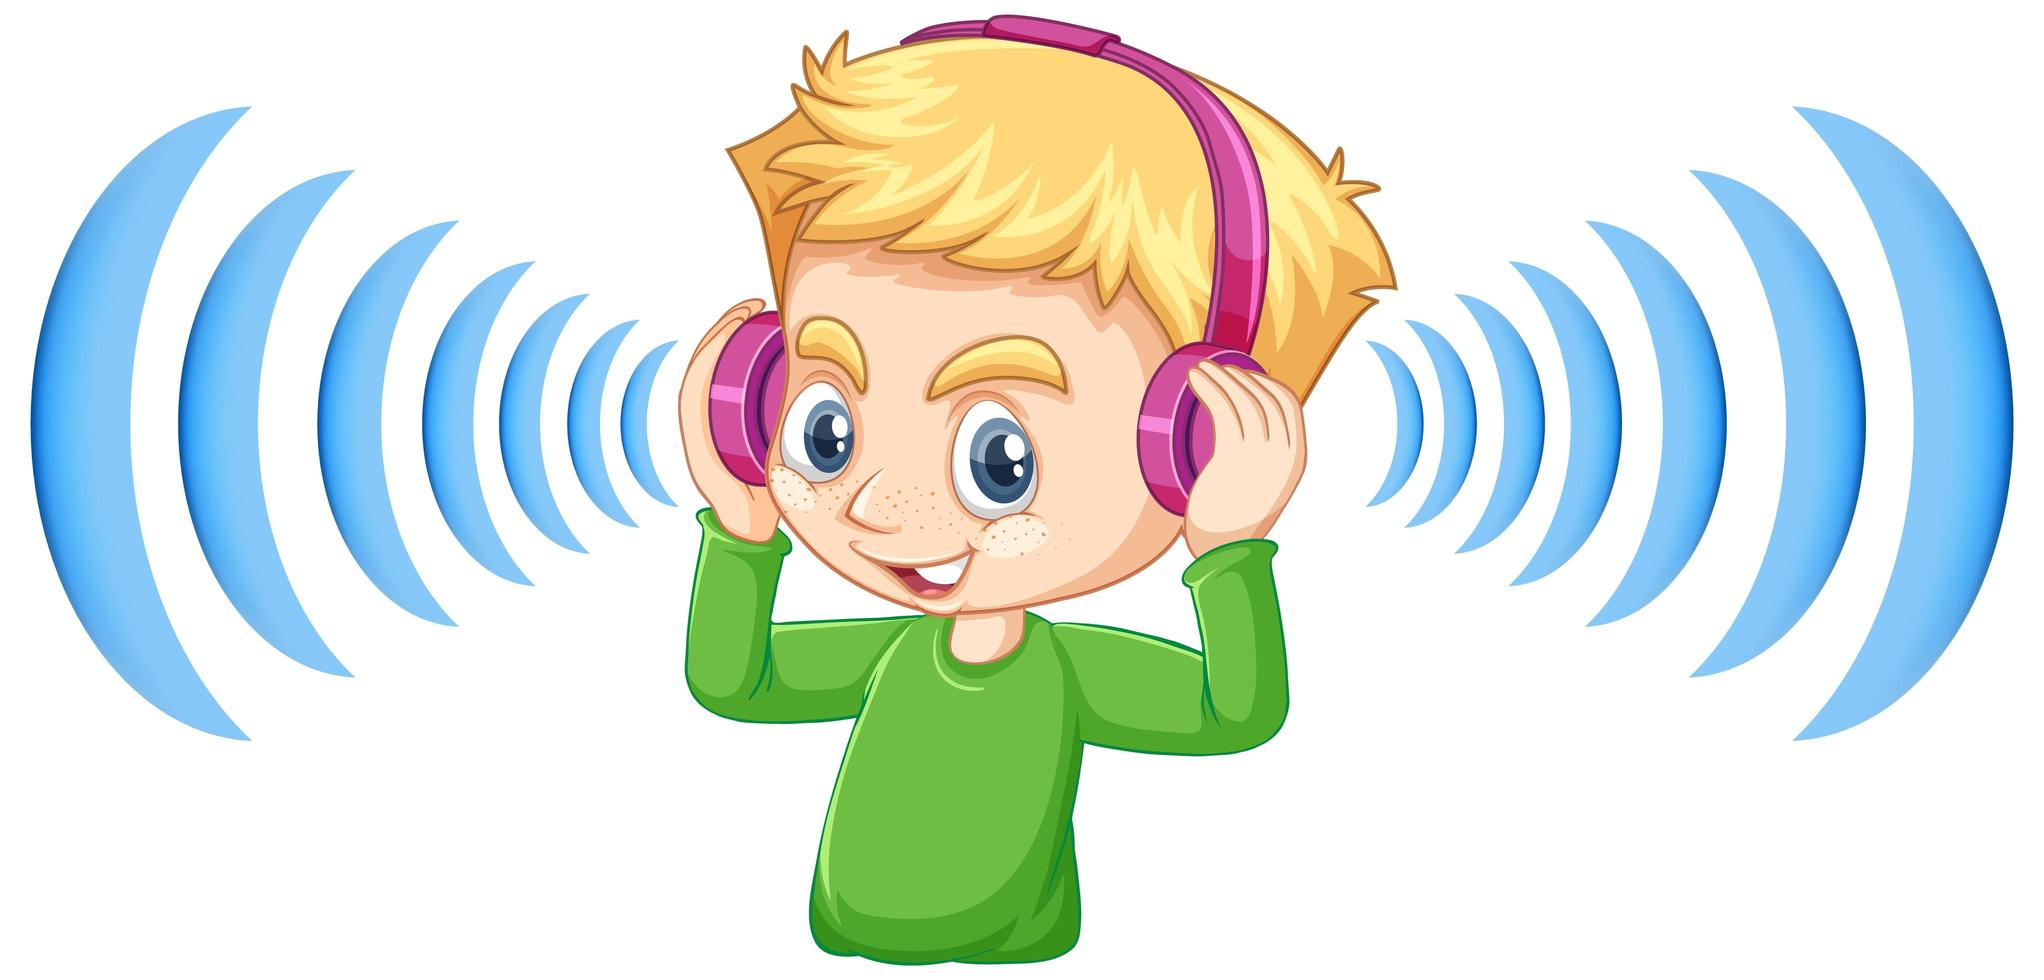 pojke som bär brusreducerande hörlurar vektor